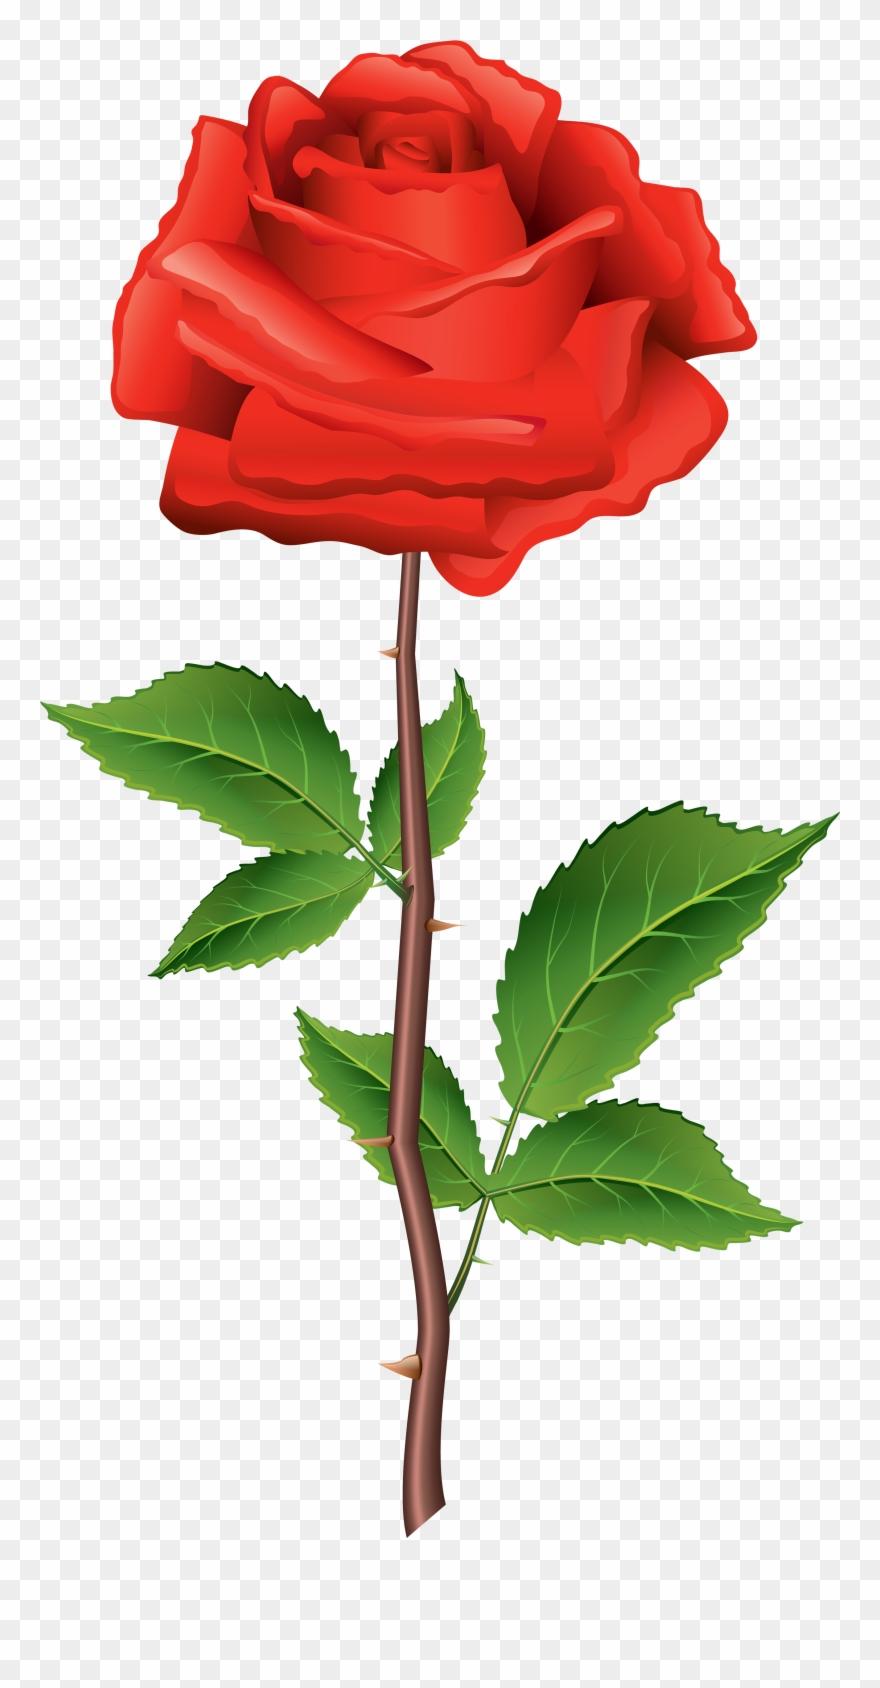 Rose clipart mini rose. Beautiful flower carhartt wip